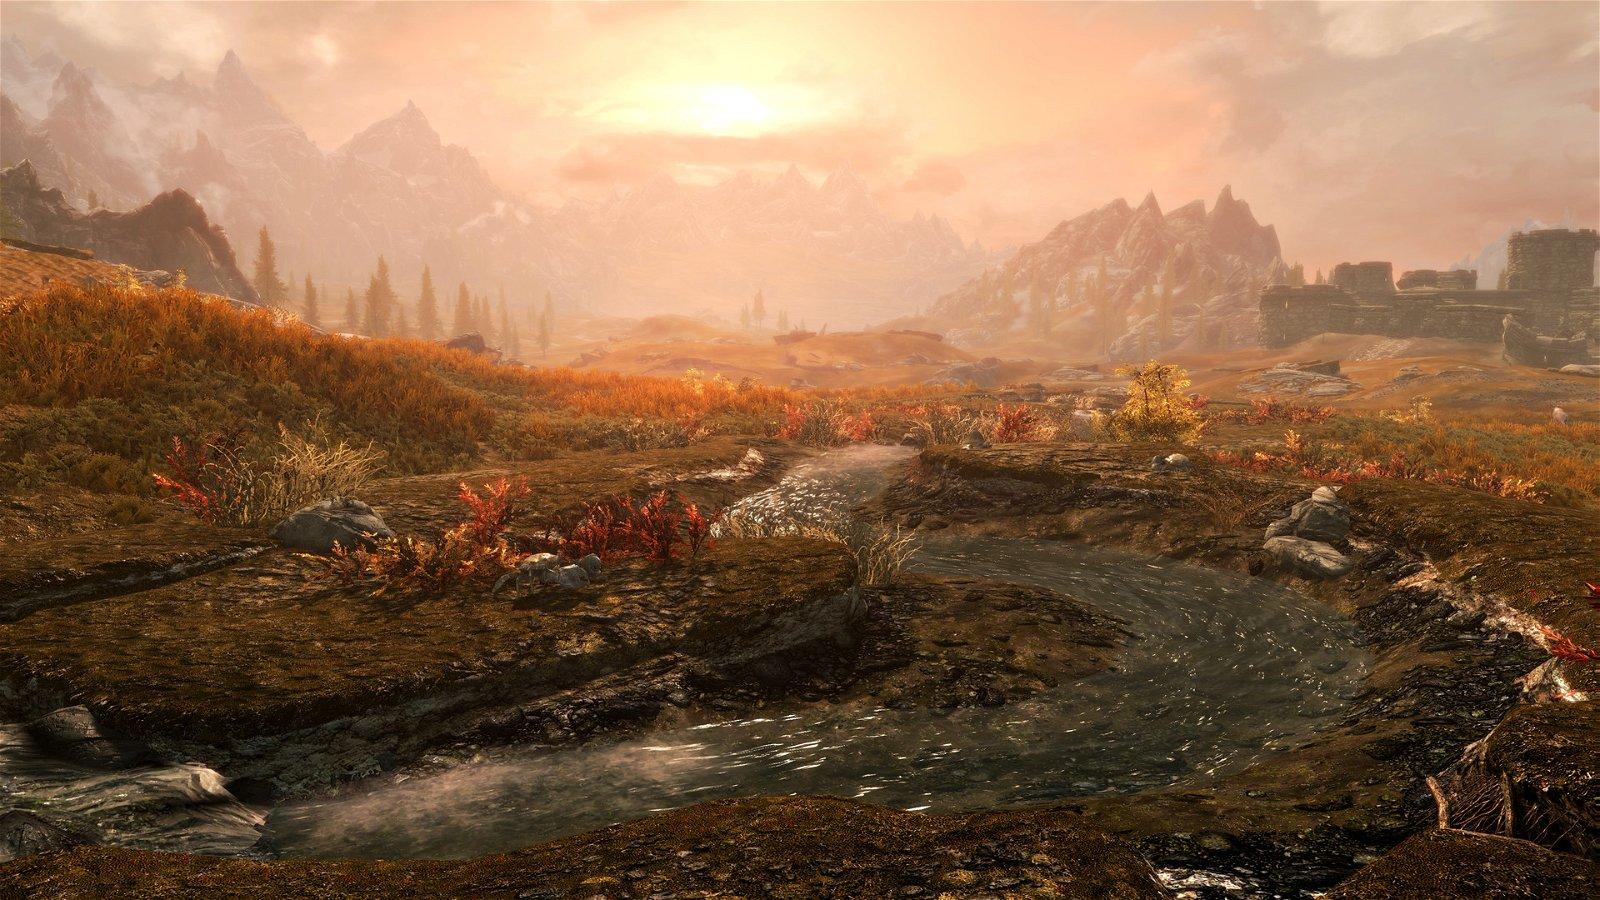 The Elder Scrolls V: Skyrim – Special Edition (PC) Review 7